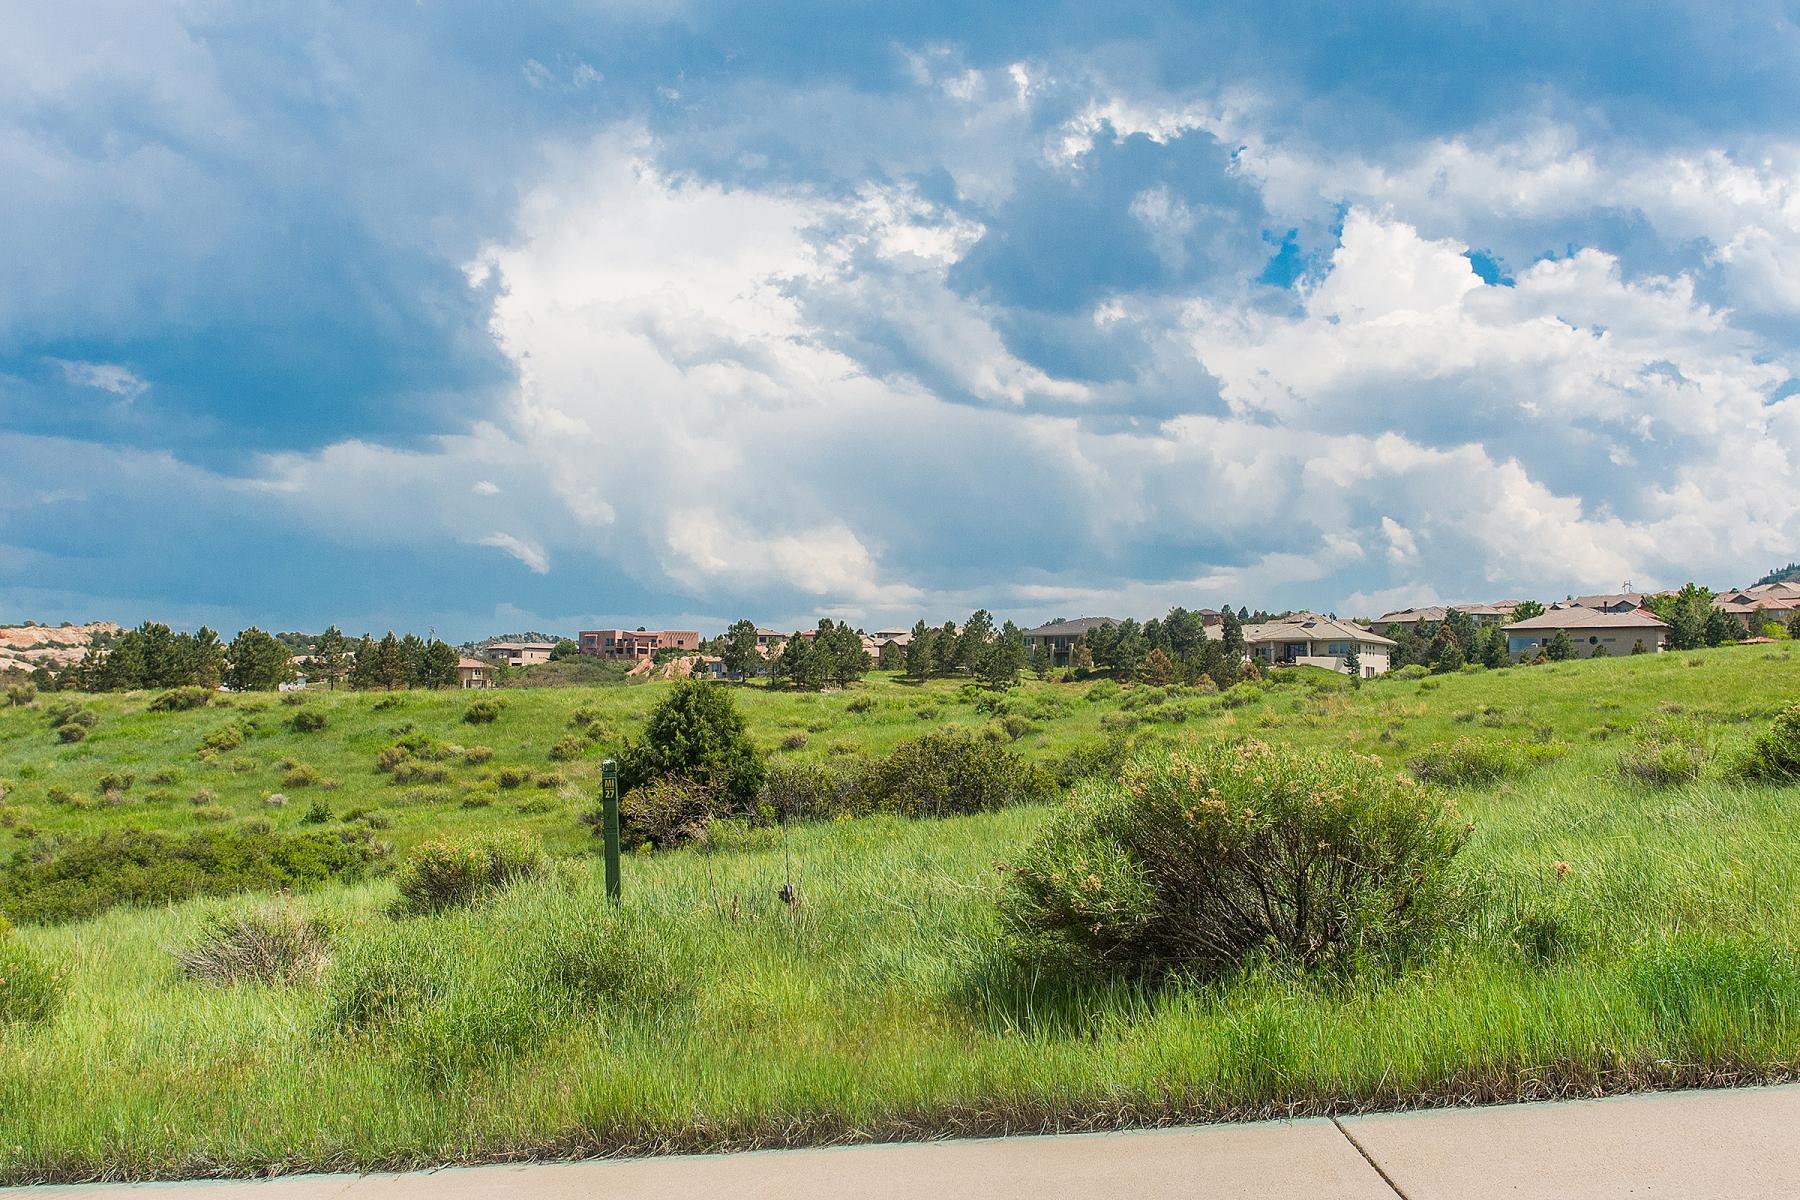 Terrain pour l Vente à Ravenna, a private gated lifestyle community offering great amenities 7843 Dante Dr, Littleton, Colorado, 80125 États-Unis